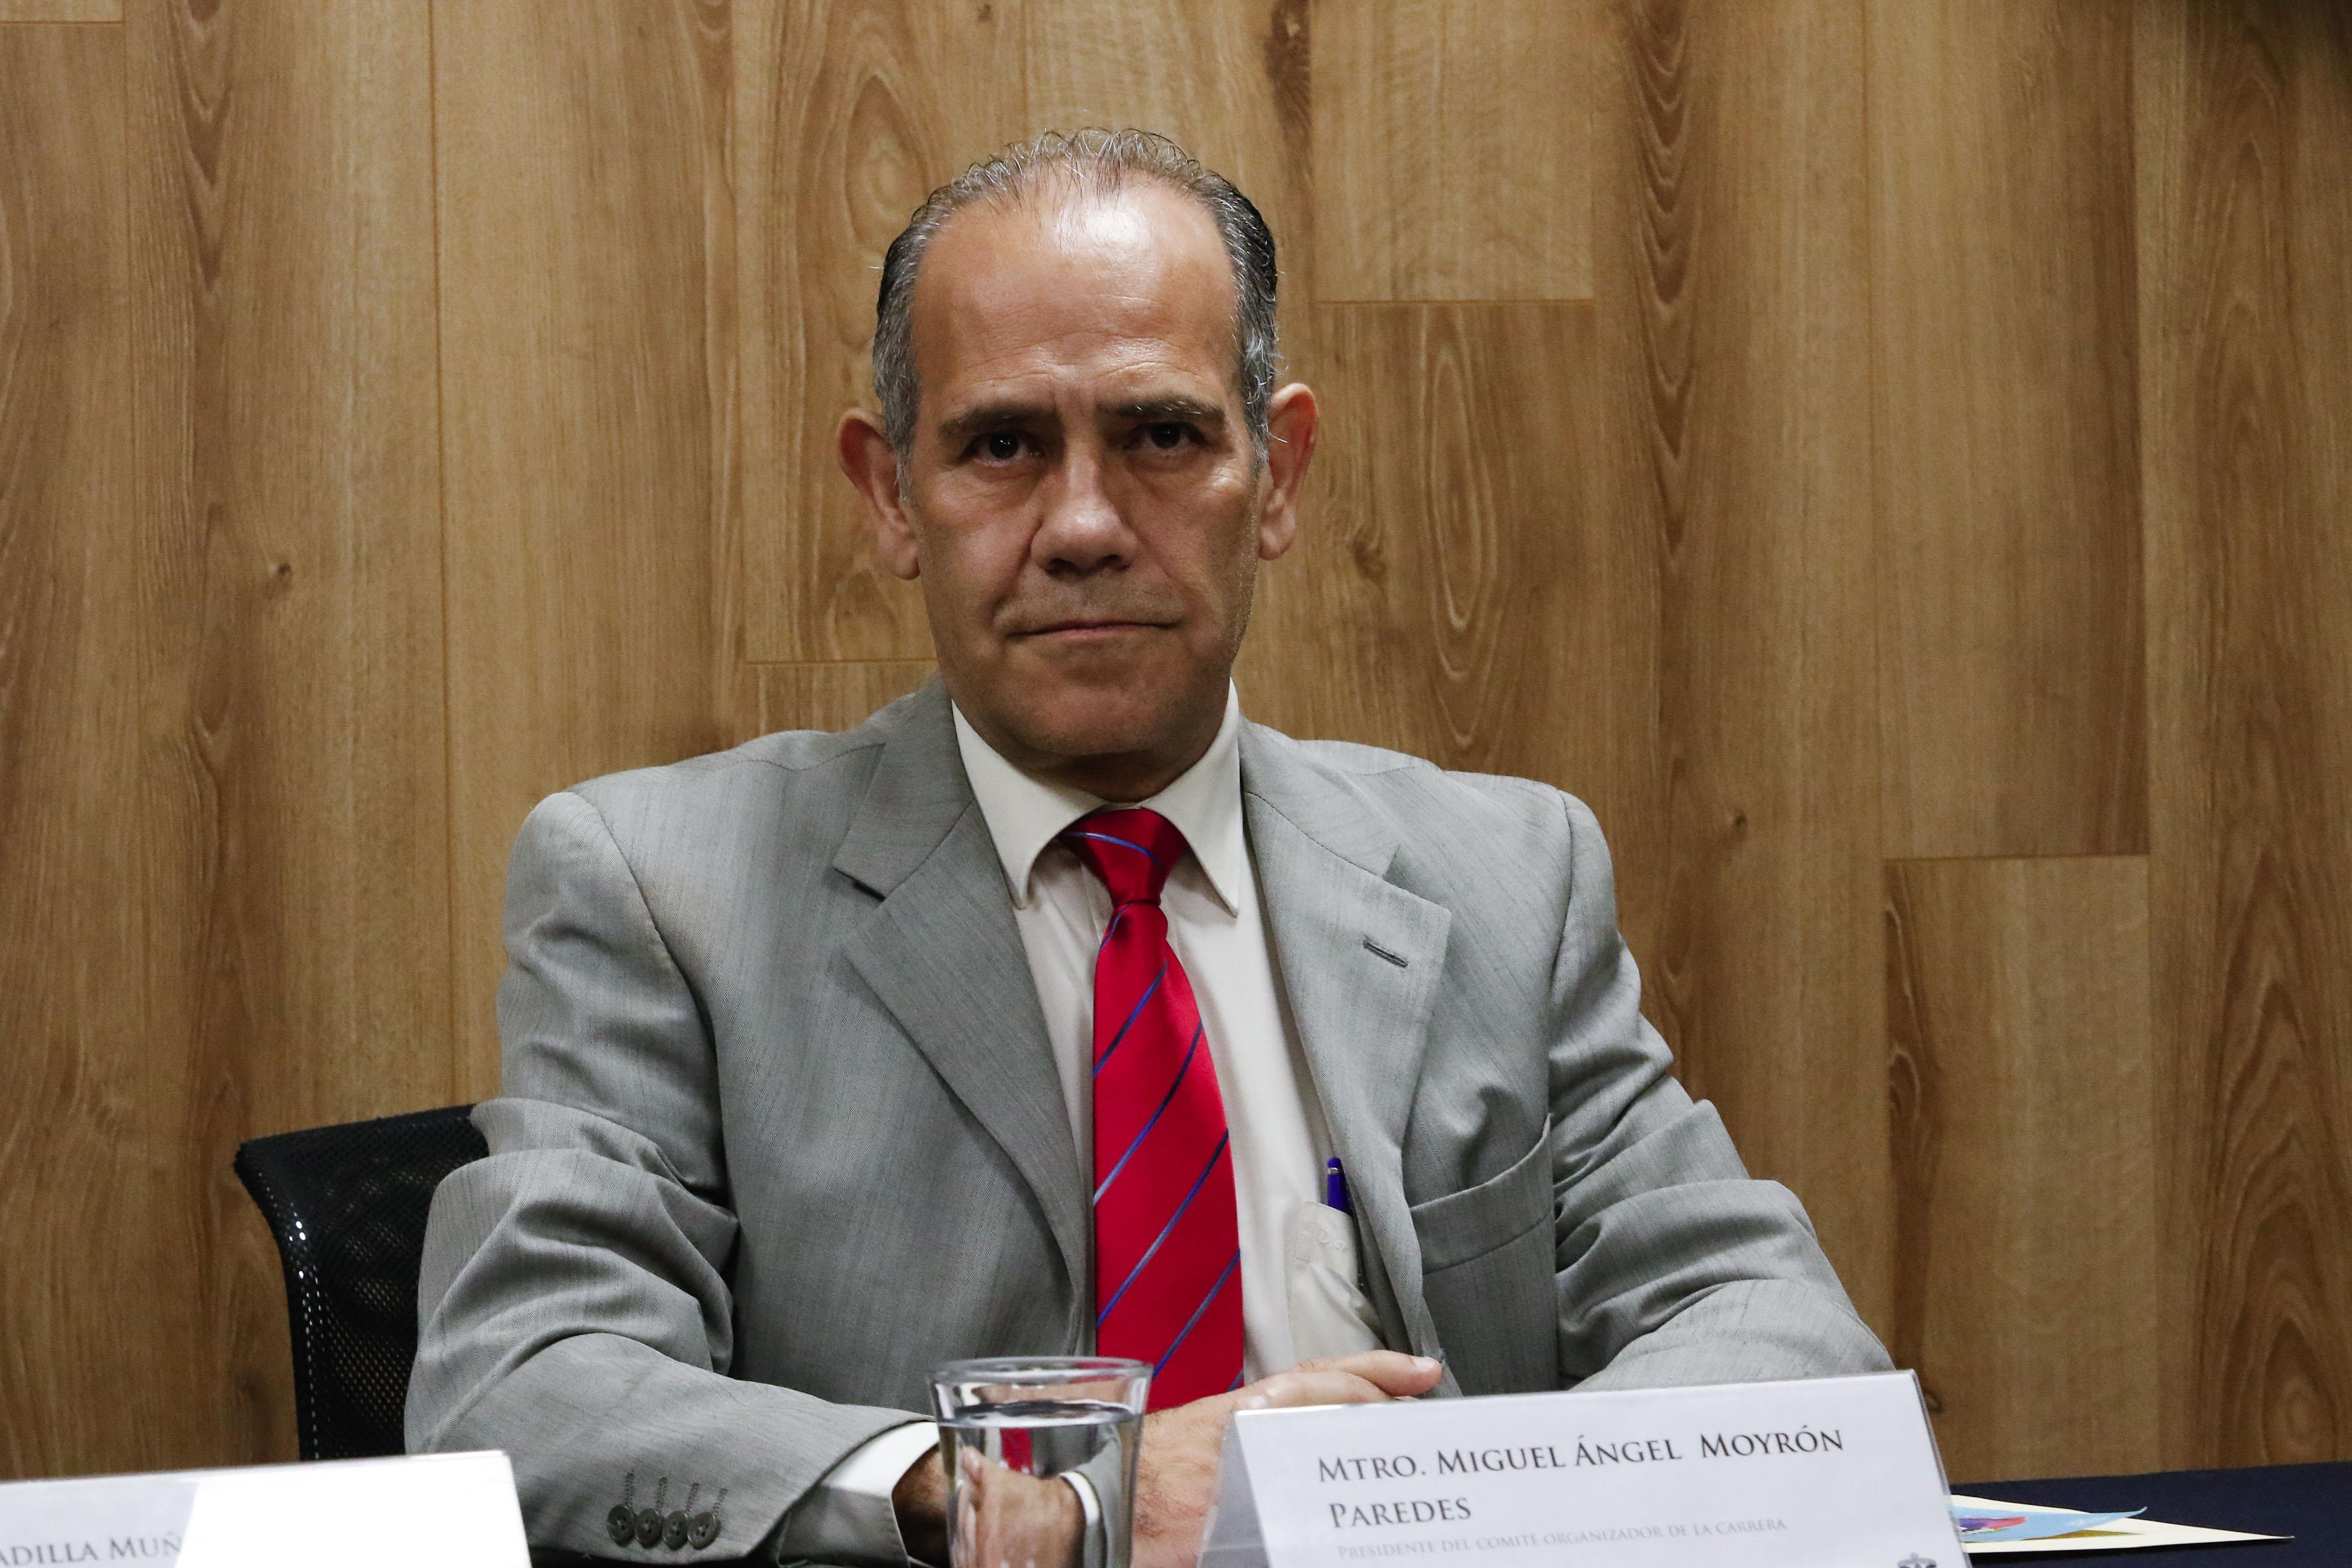 Maestro Miguel Ángel Moyrón, presidente del Comité organizador de la carrera.